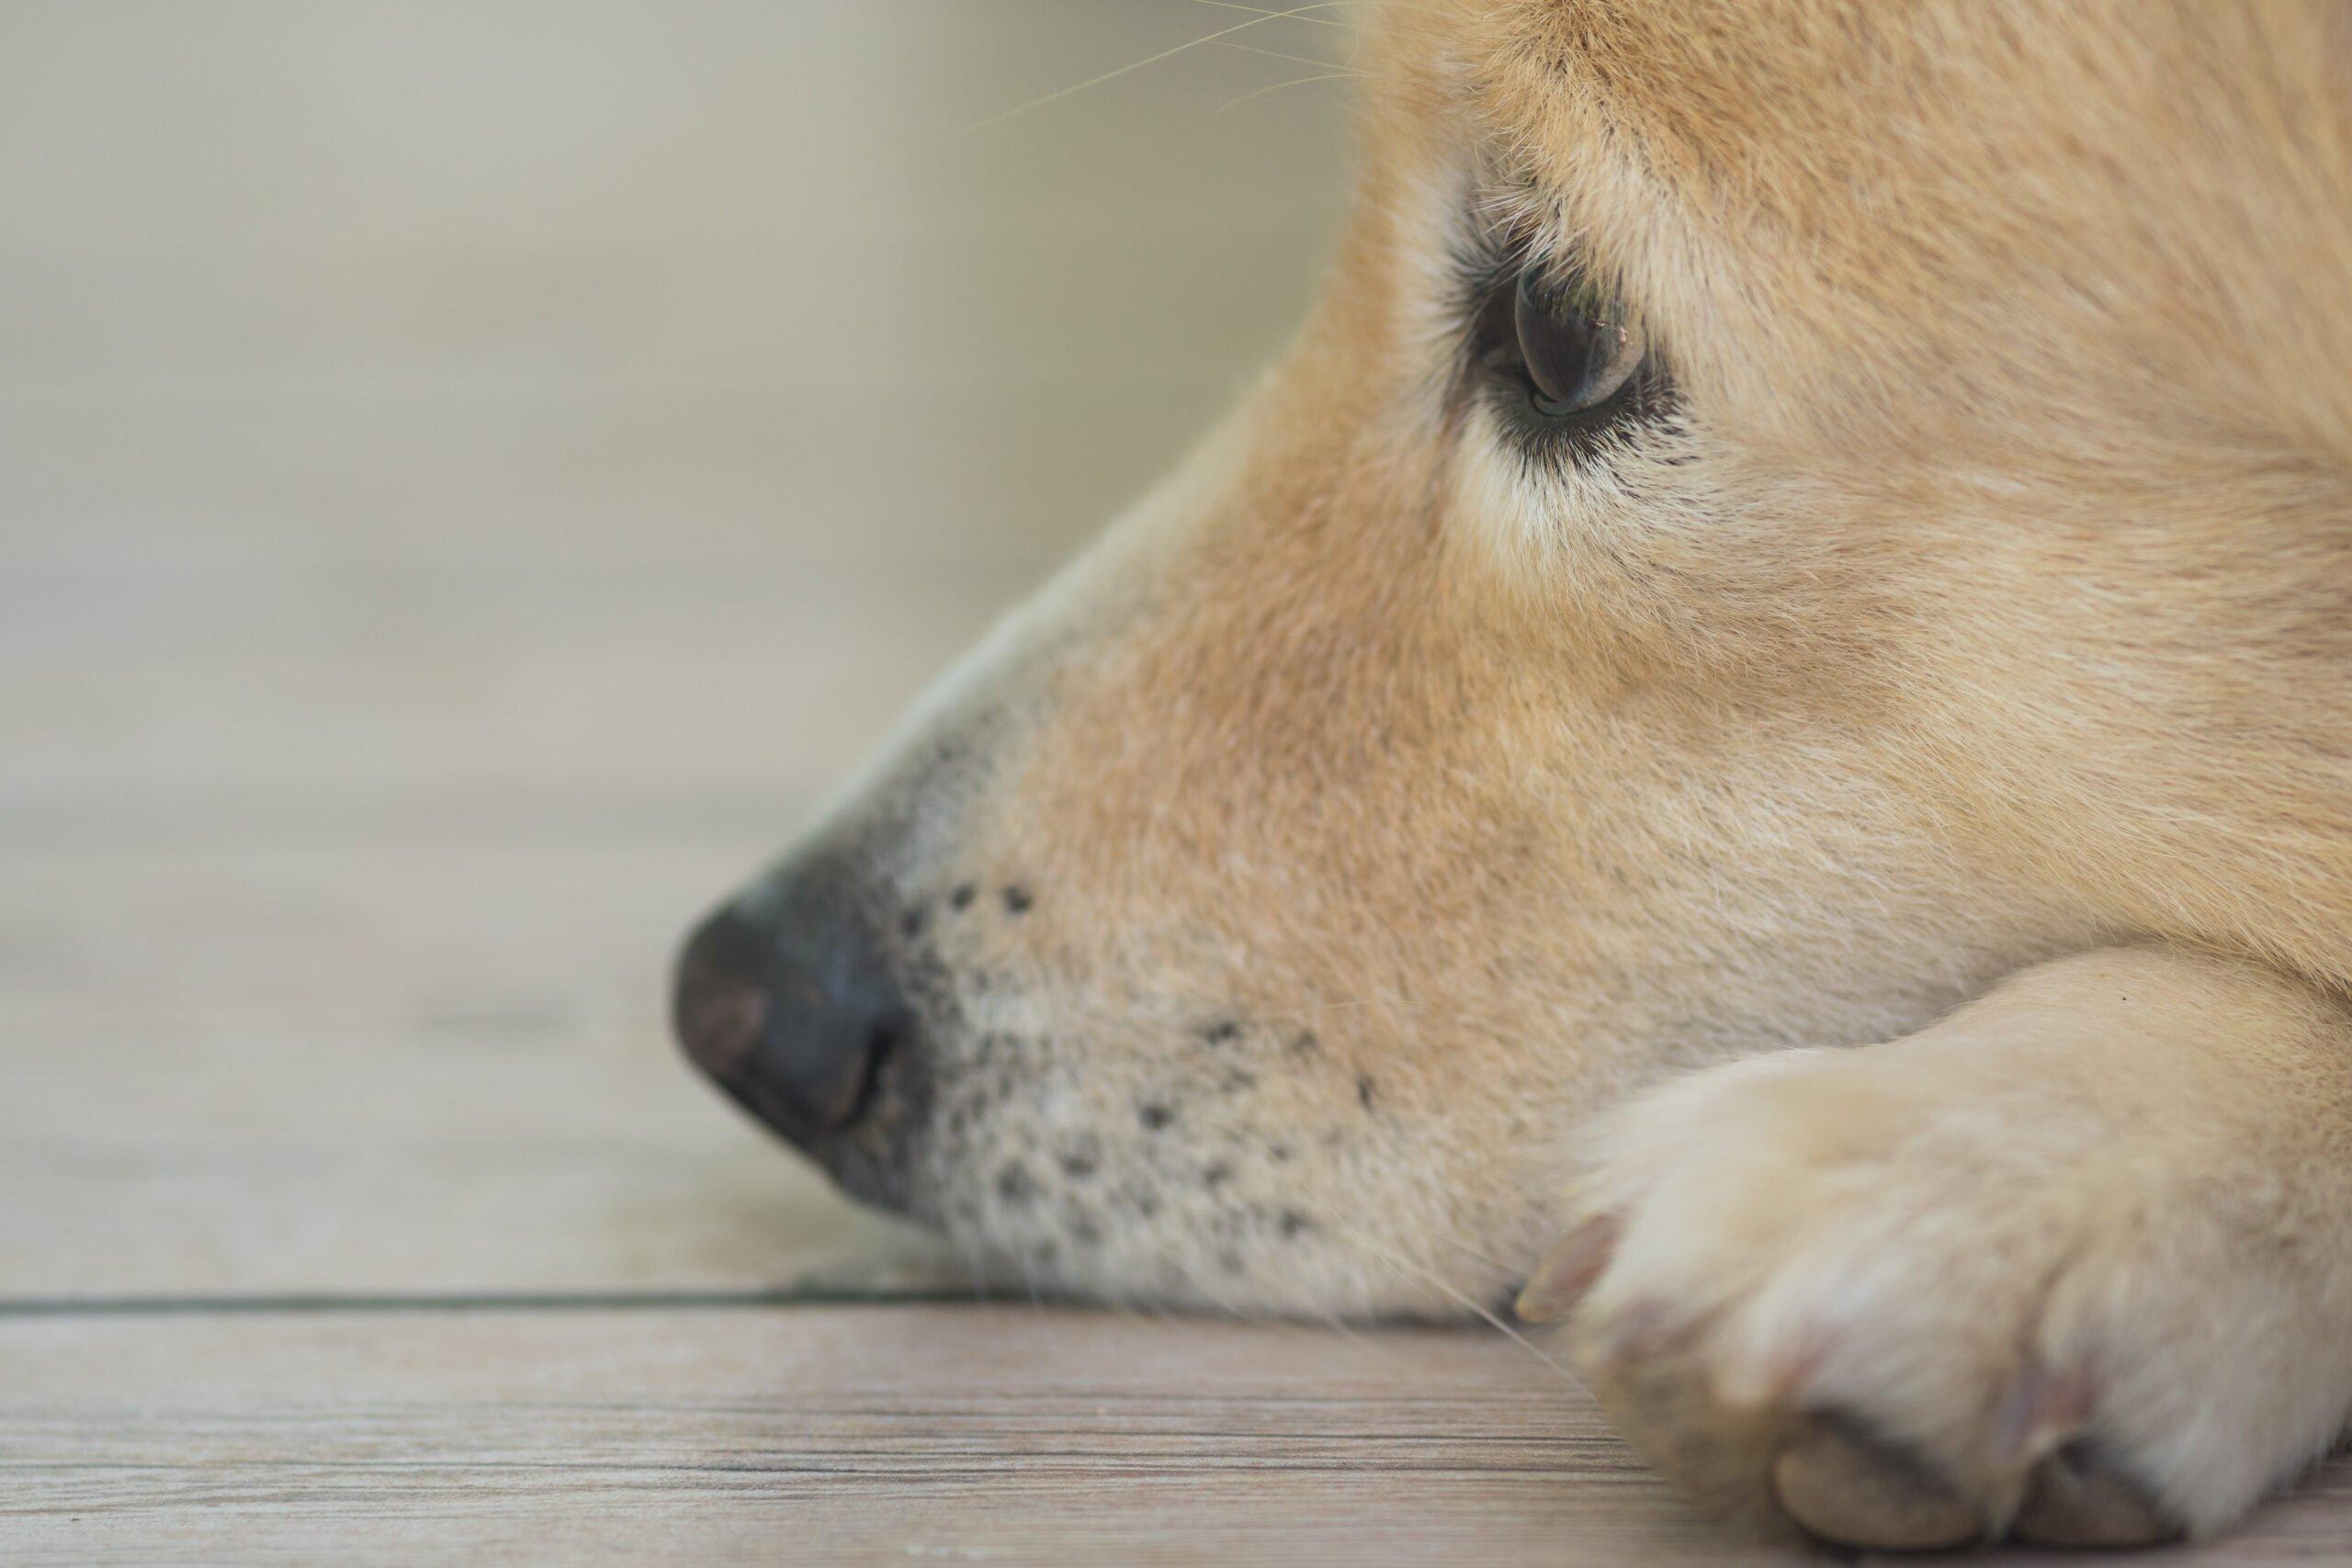 older blonde dog's face resting on floor